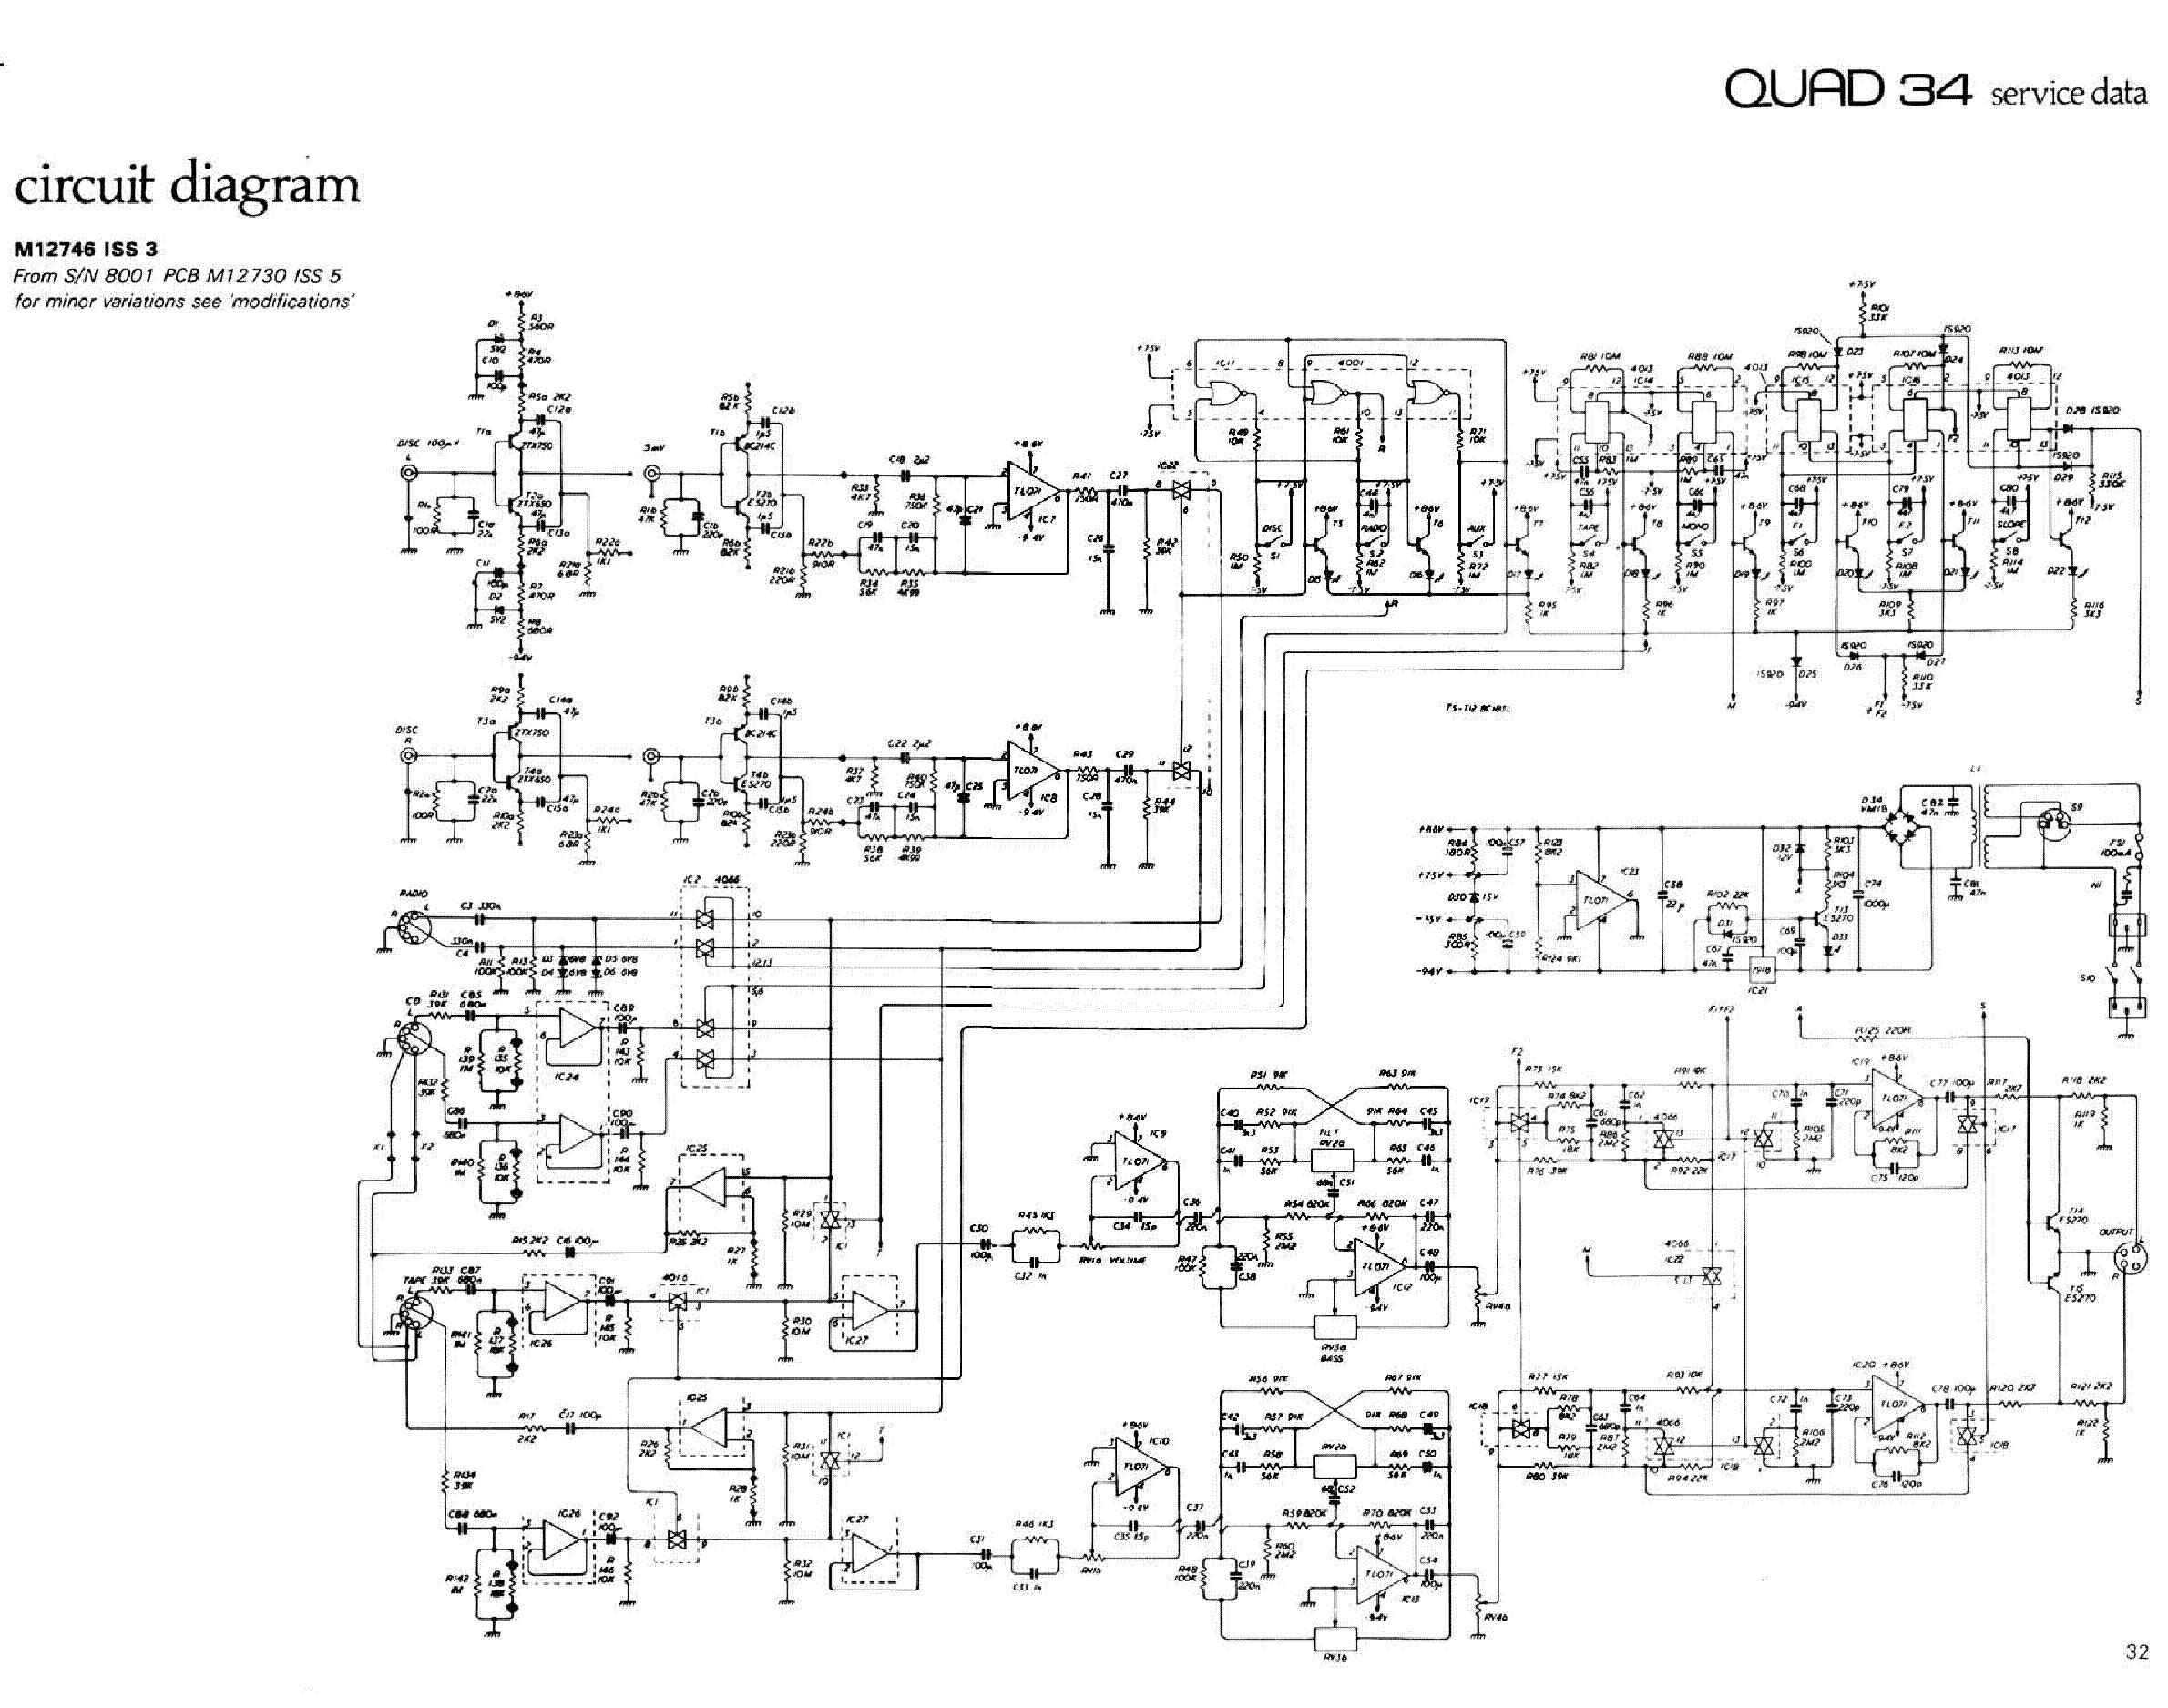 QUAD 33 AMPLIFIER SCH Service Manual download, schematics ... Quad Schematic on